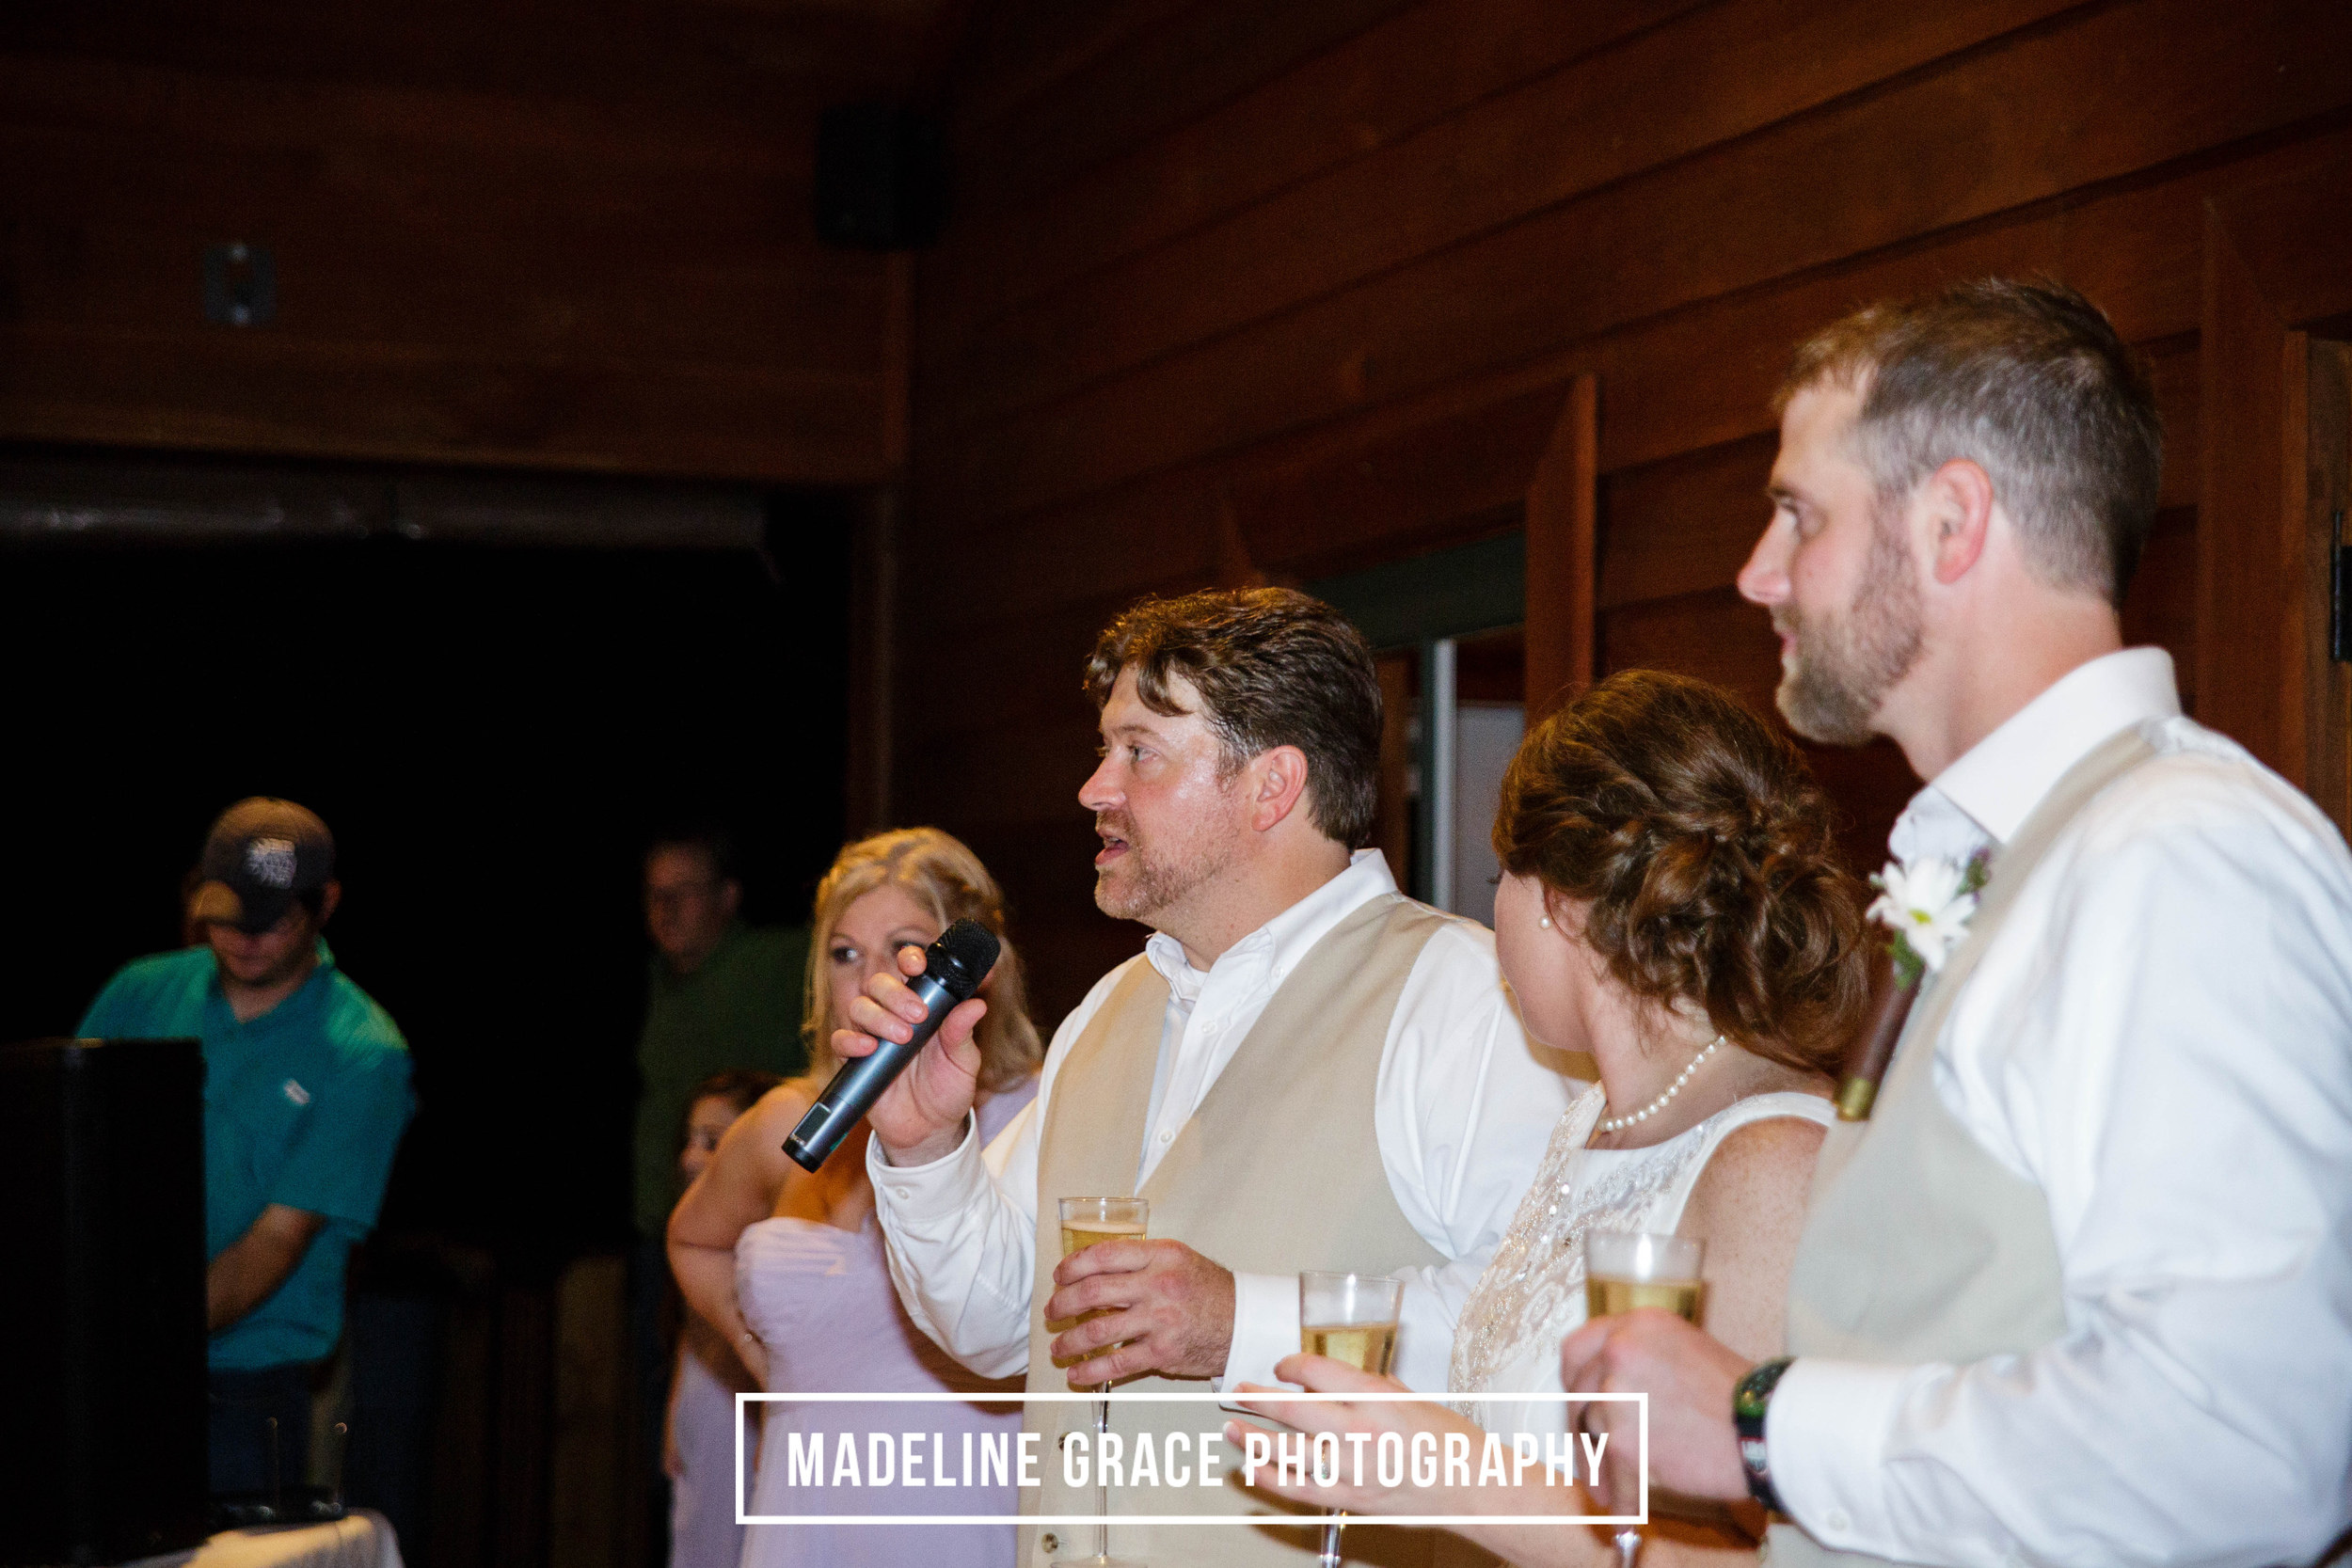 MGP-Halley-Reception-106 copy.jpg